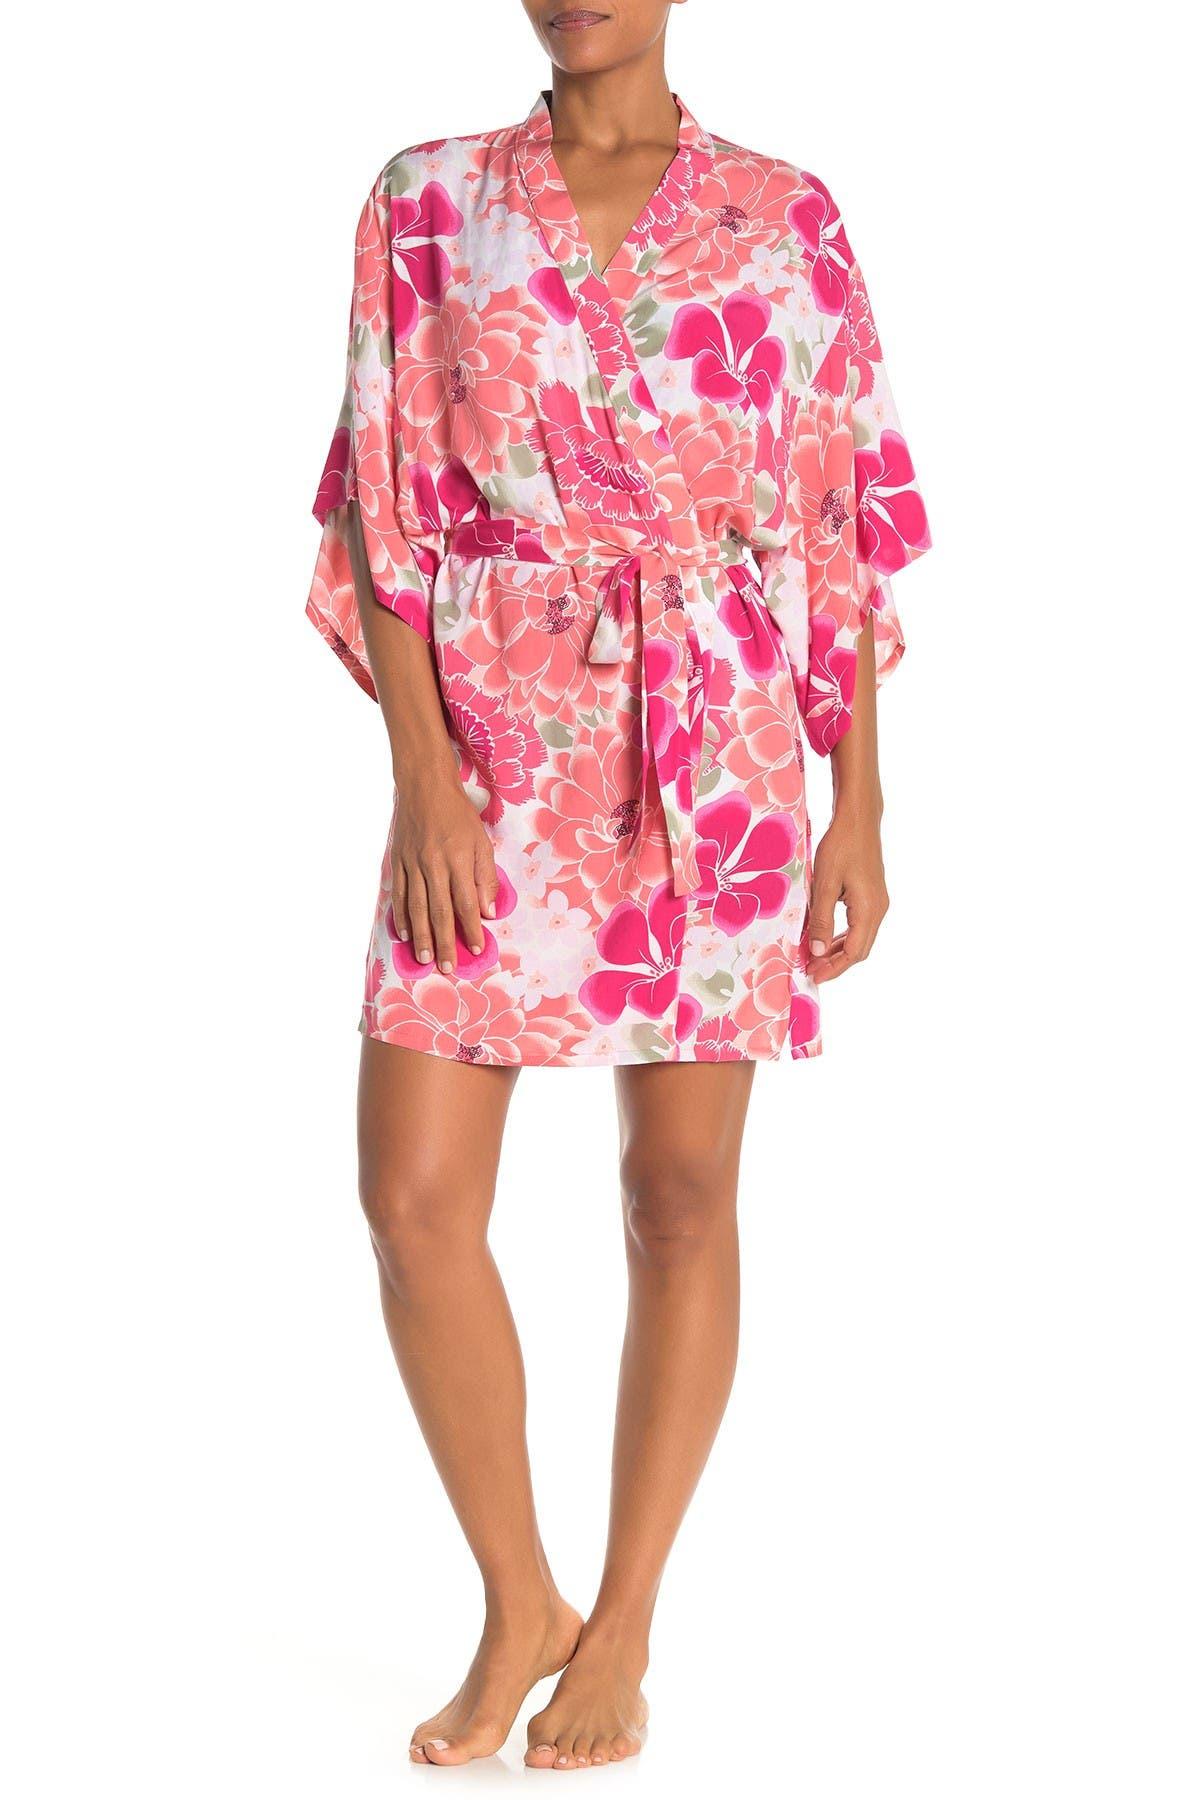 Image of Josie Printed Robe